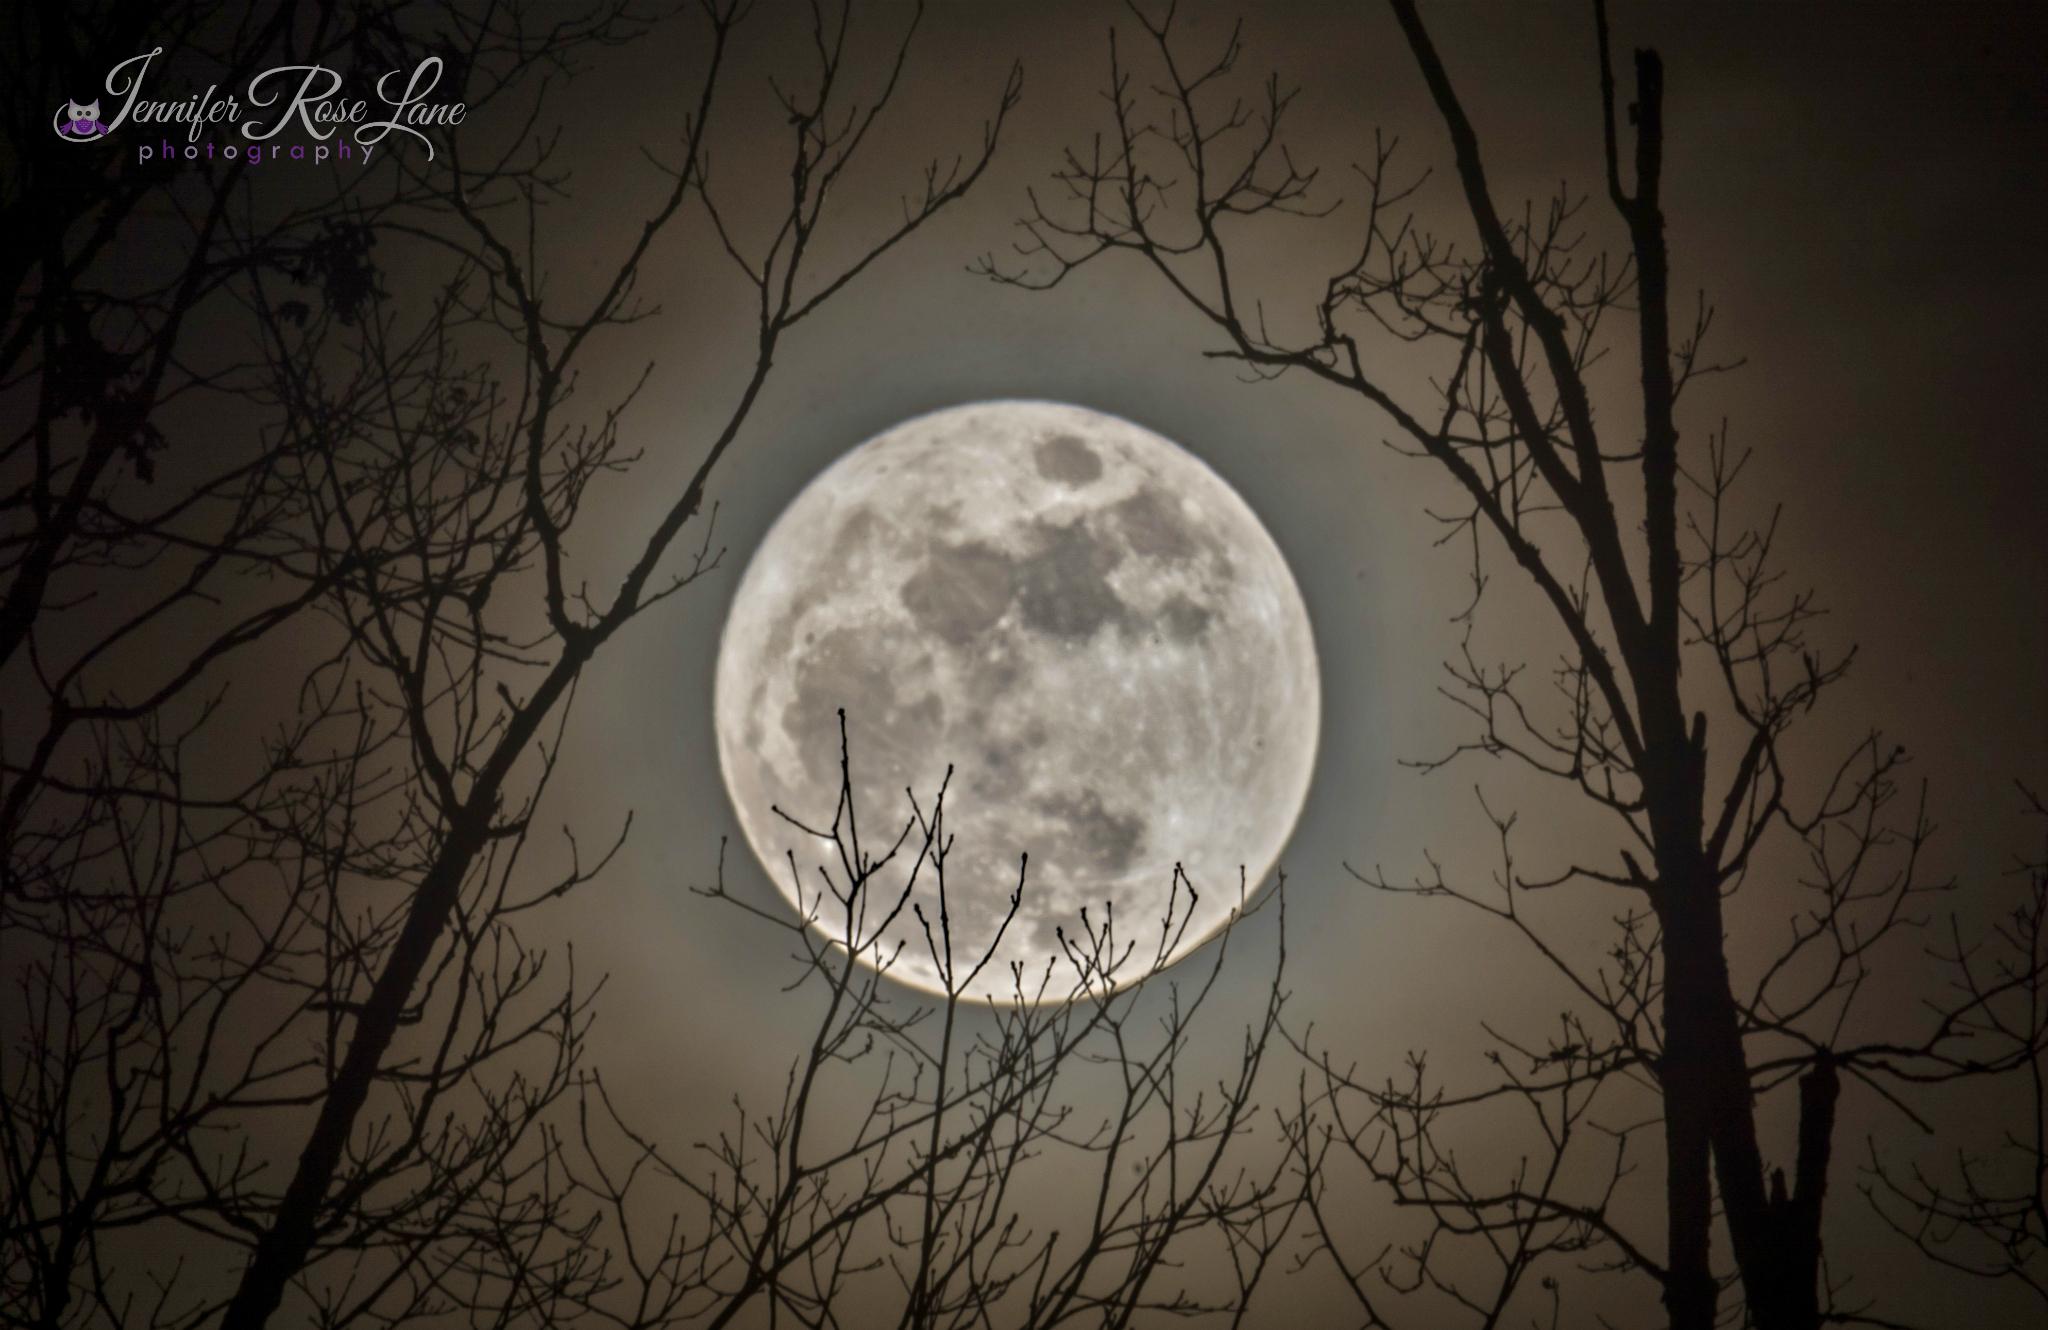 La photographe Jennifer Rose Lane a capturé cette photo de la super lune se levant au-dessus de Chapmanville, en Virginie-Occidentale, le 13 décembre 2016.